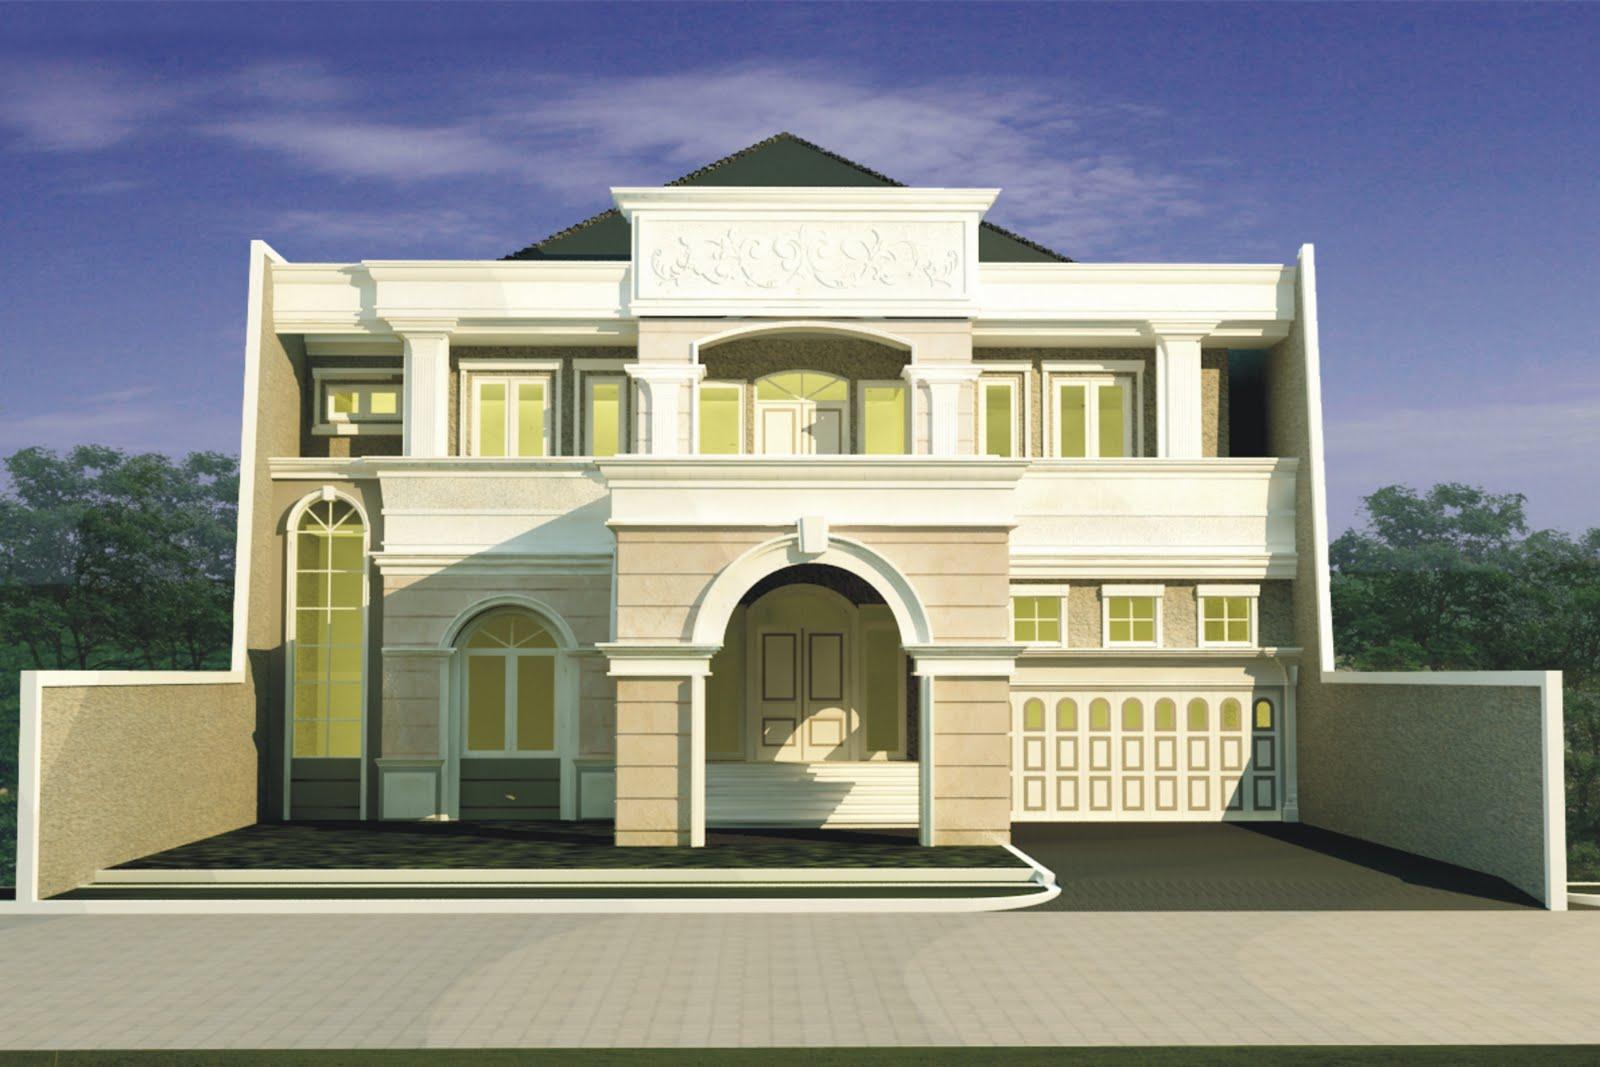 61 Desain Rumah Minimalis Klasik Modern Desain Rumah Minimalis Terbaru